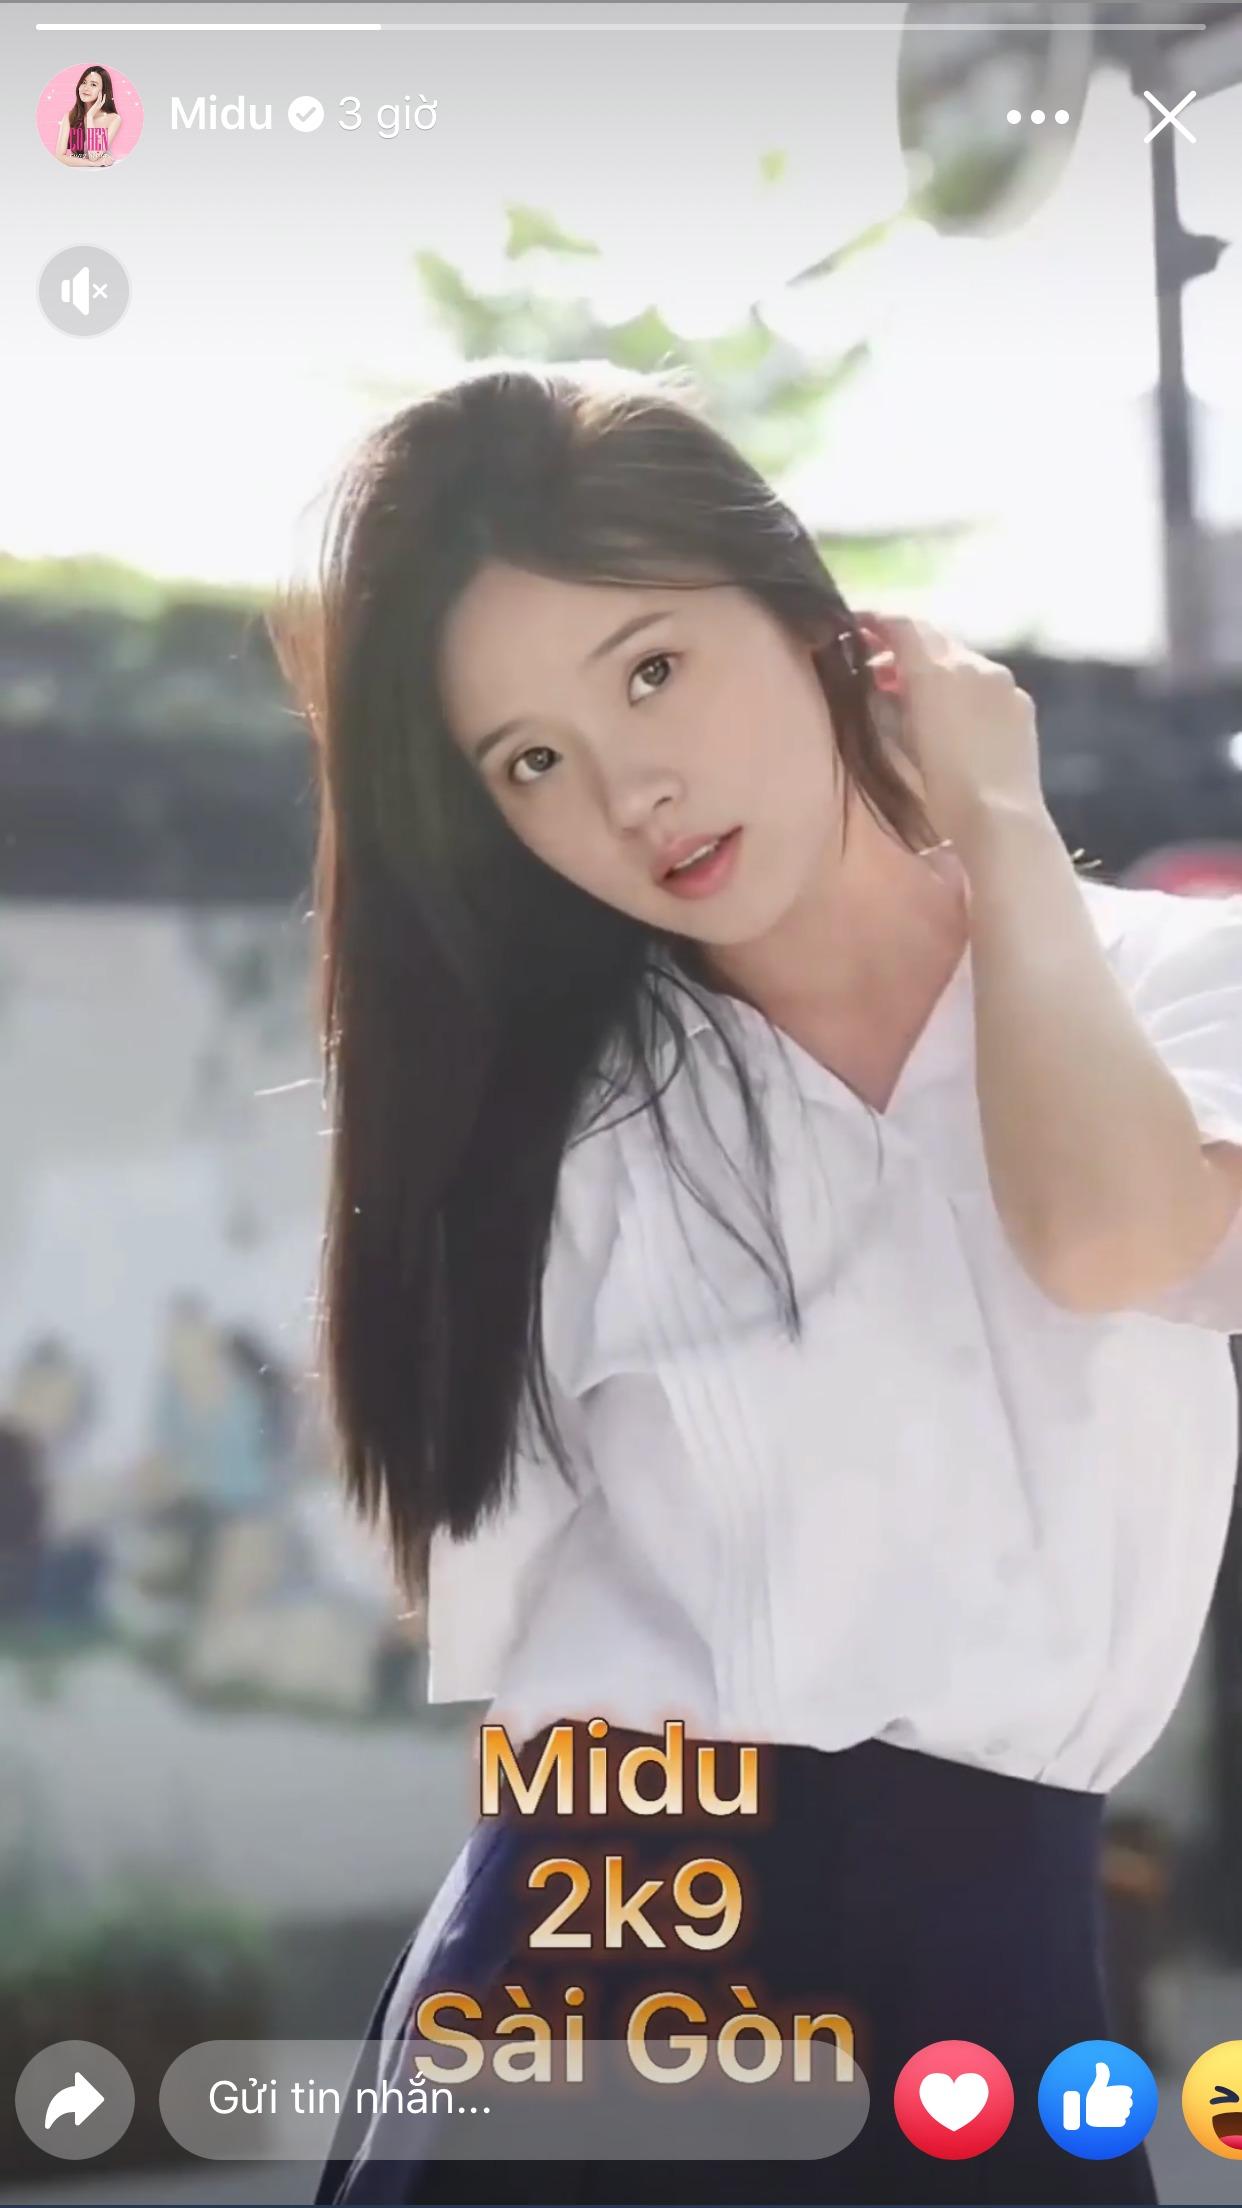 Sao Việt 14/8: Góc khuất đời tư của 'bà hoàng truyền hình VTV', Midu bất chấp lời cảnh báo chỉ để 'thả thính' 3